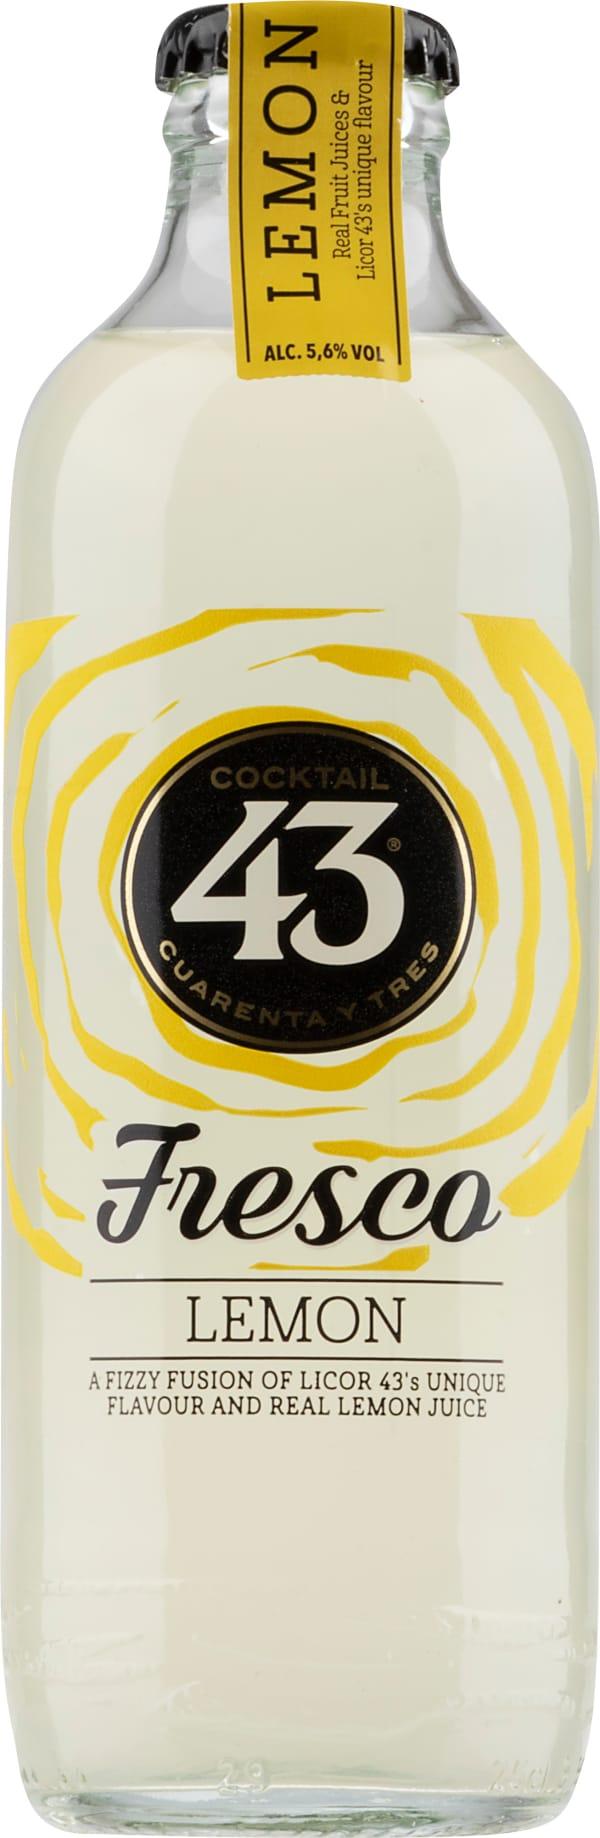 Cocktail 43 Fresco Lemon